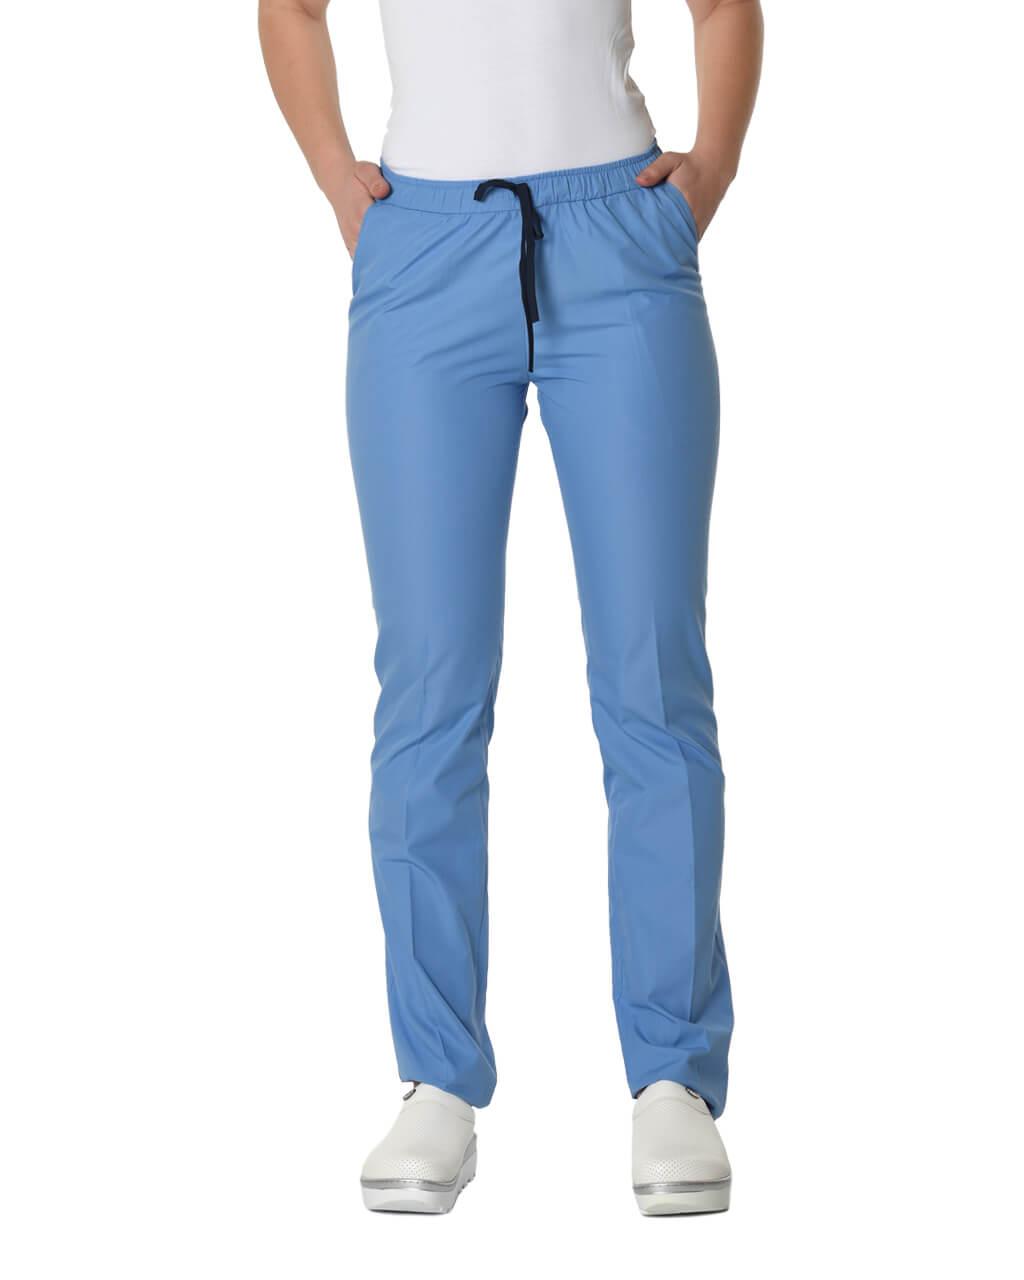 %100 Pamuk Likralı İndigo Mavisi Pantolon